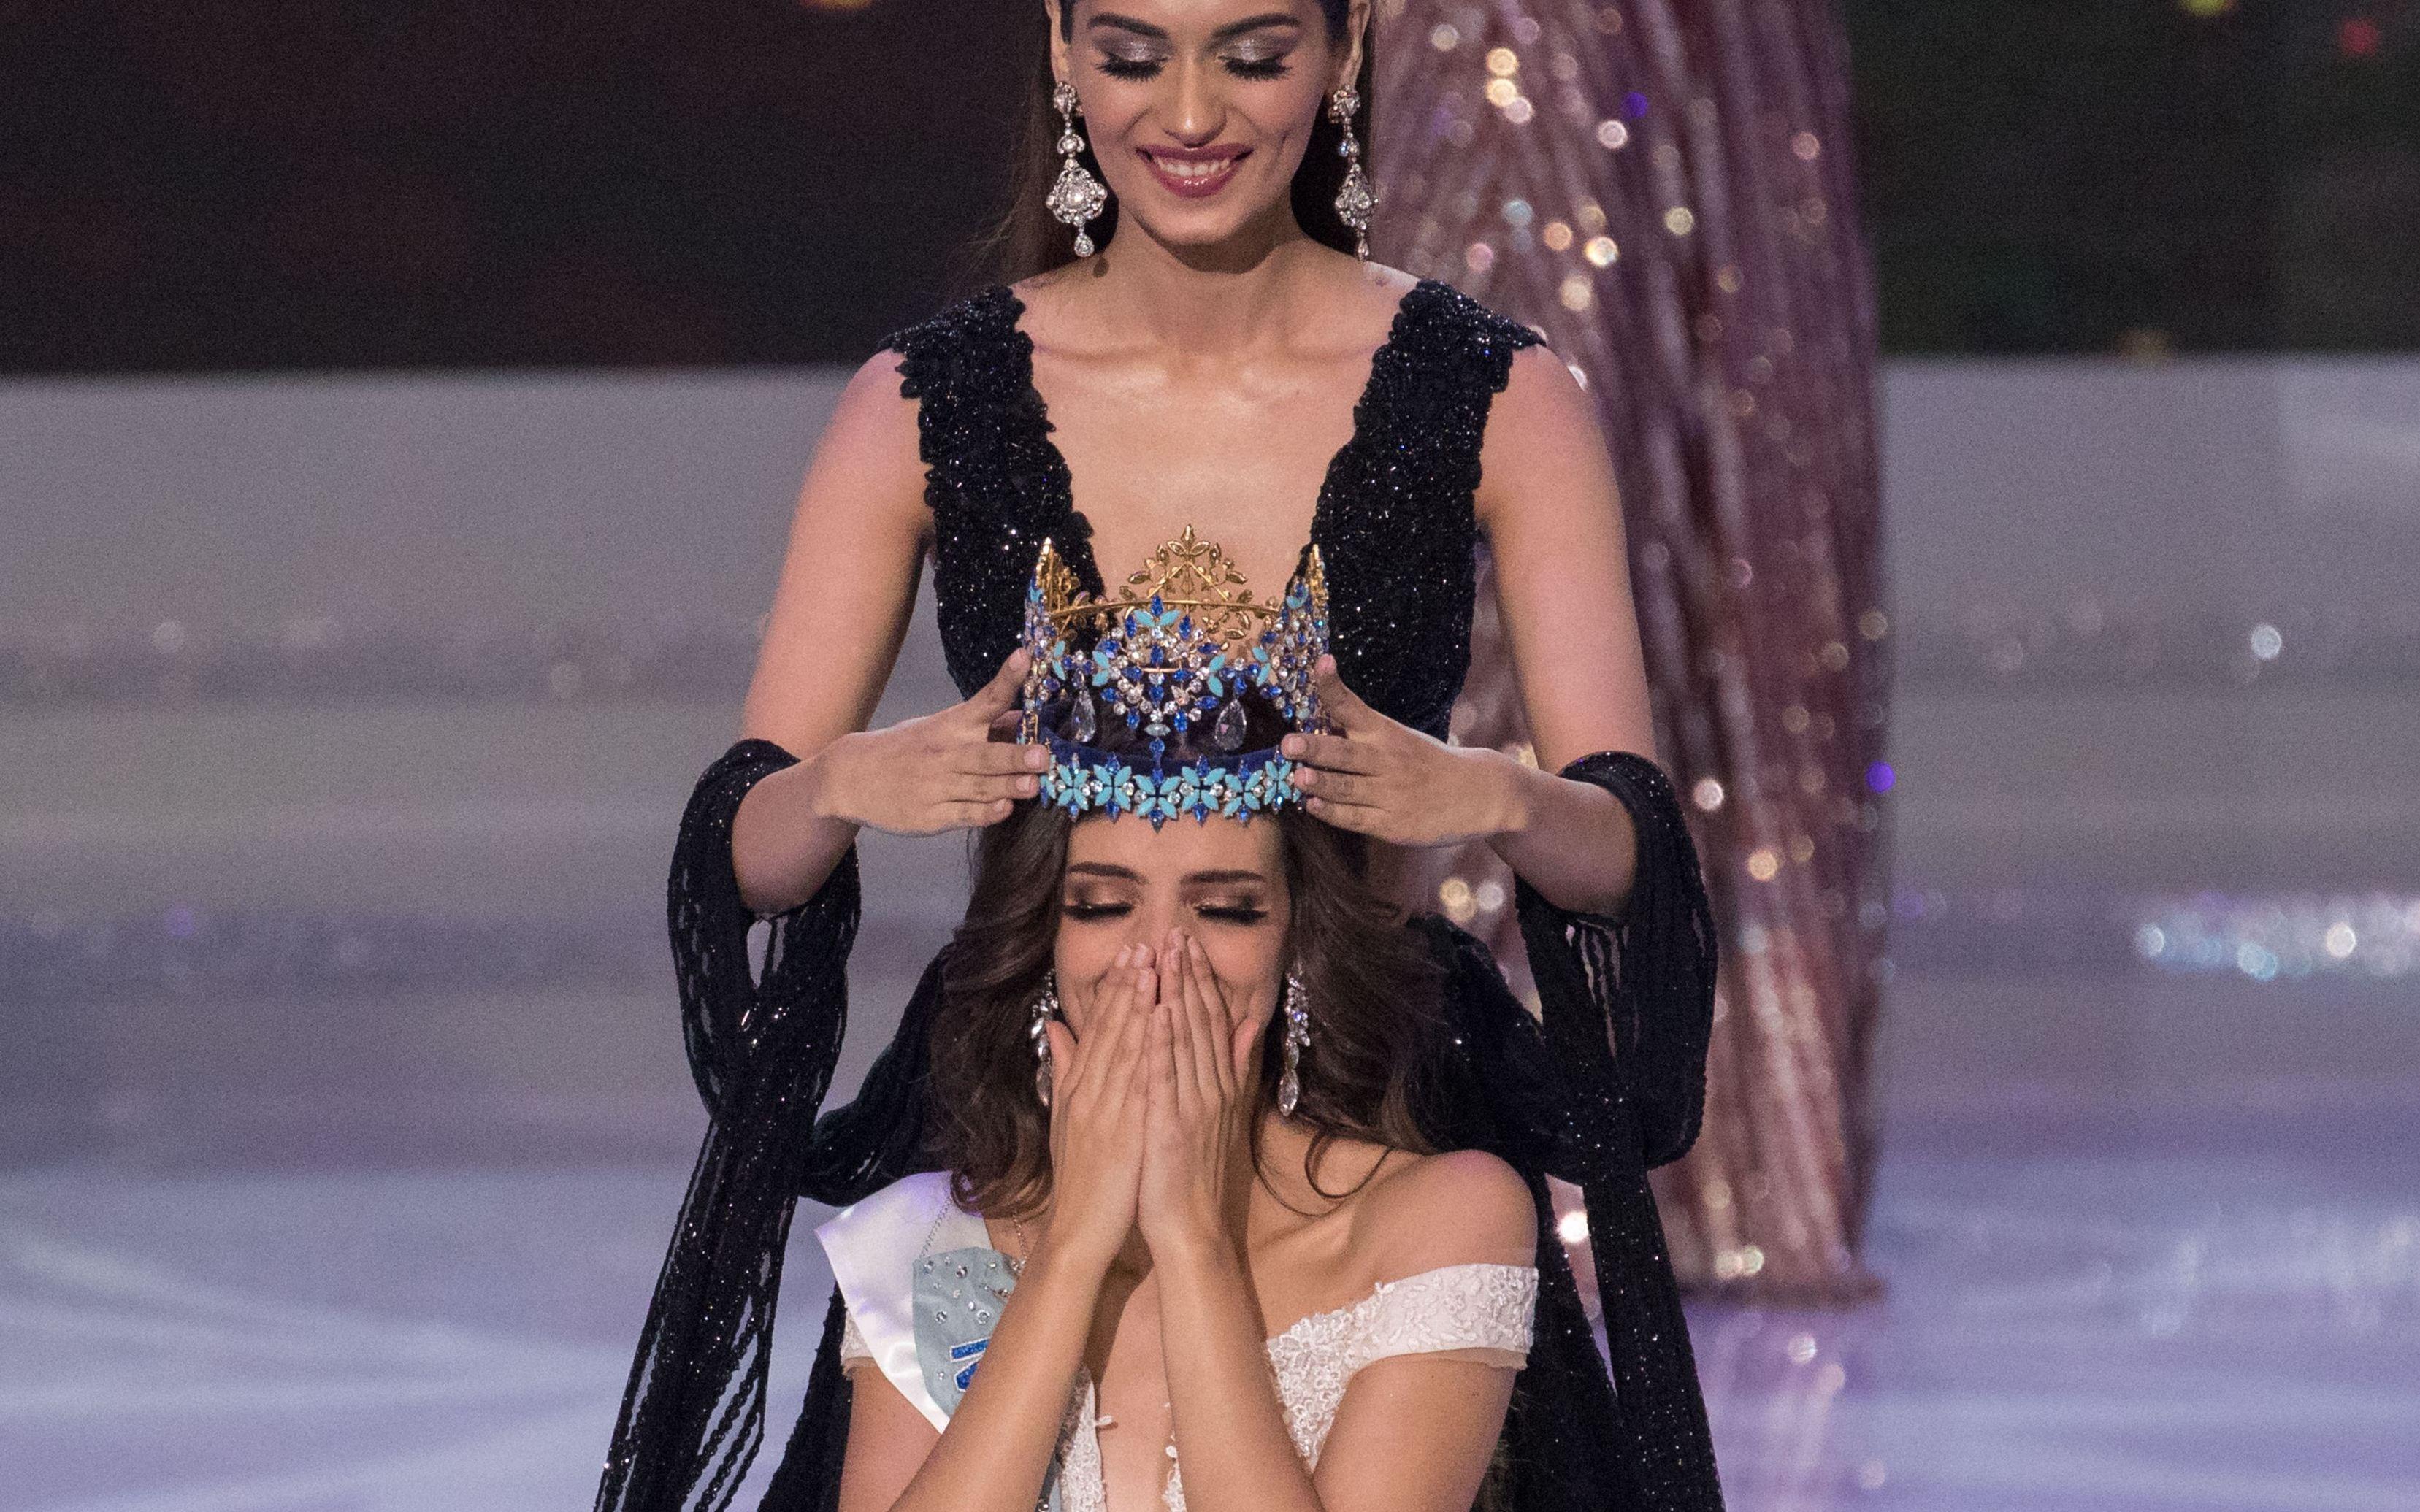 A fost desemnată Miss World 2018! Cum arată cea mai frumoasă femeie din lume